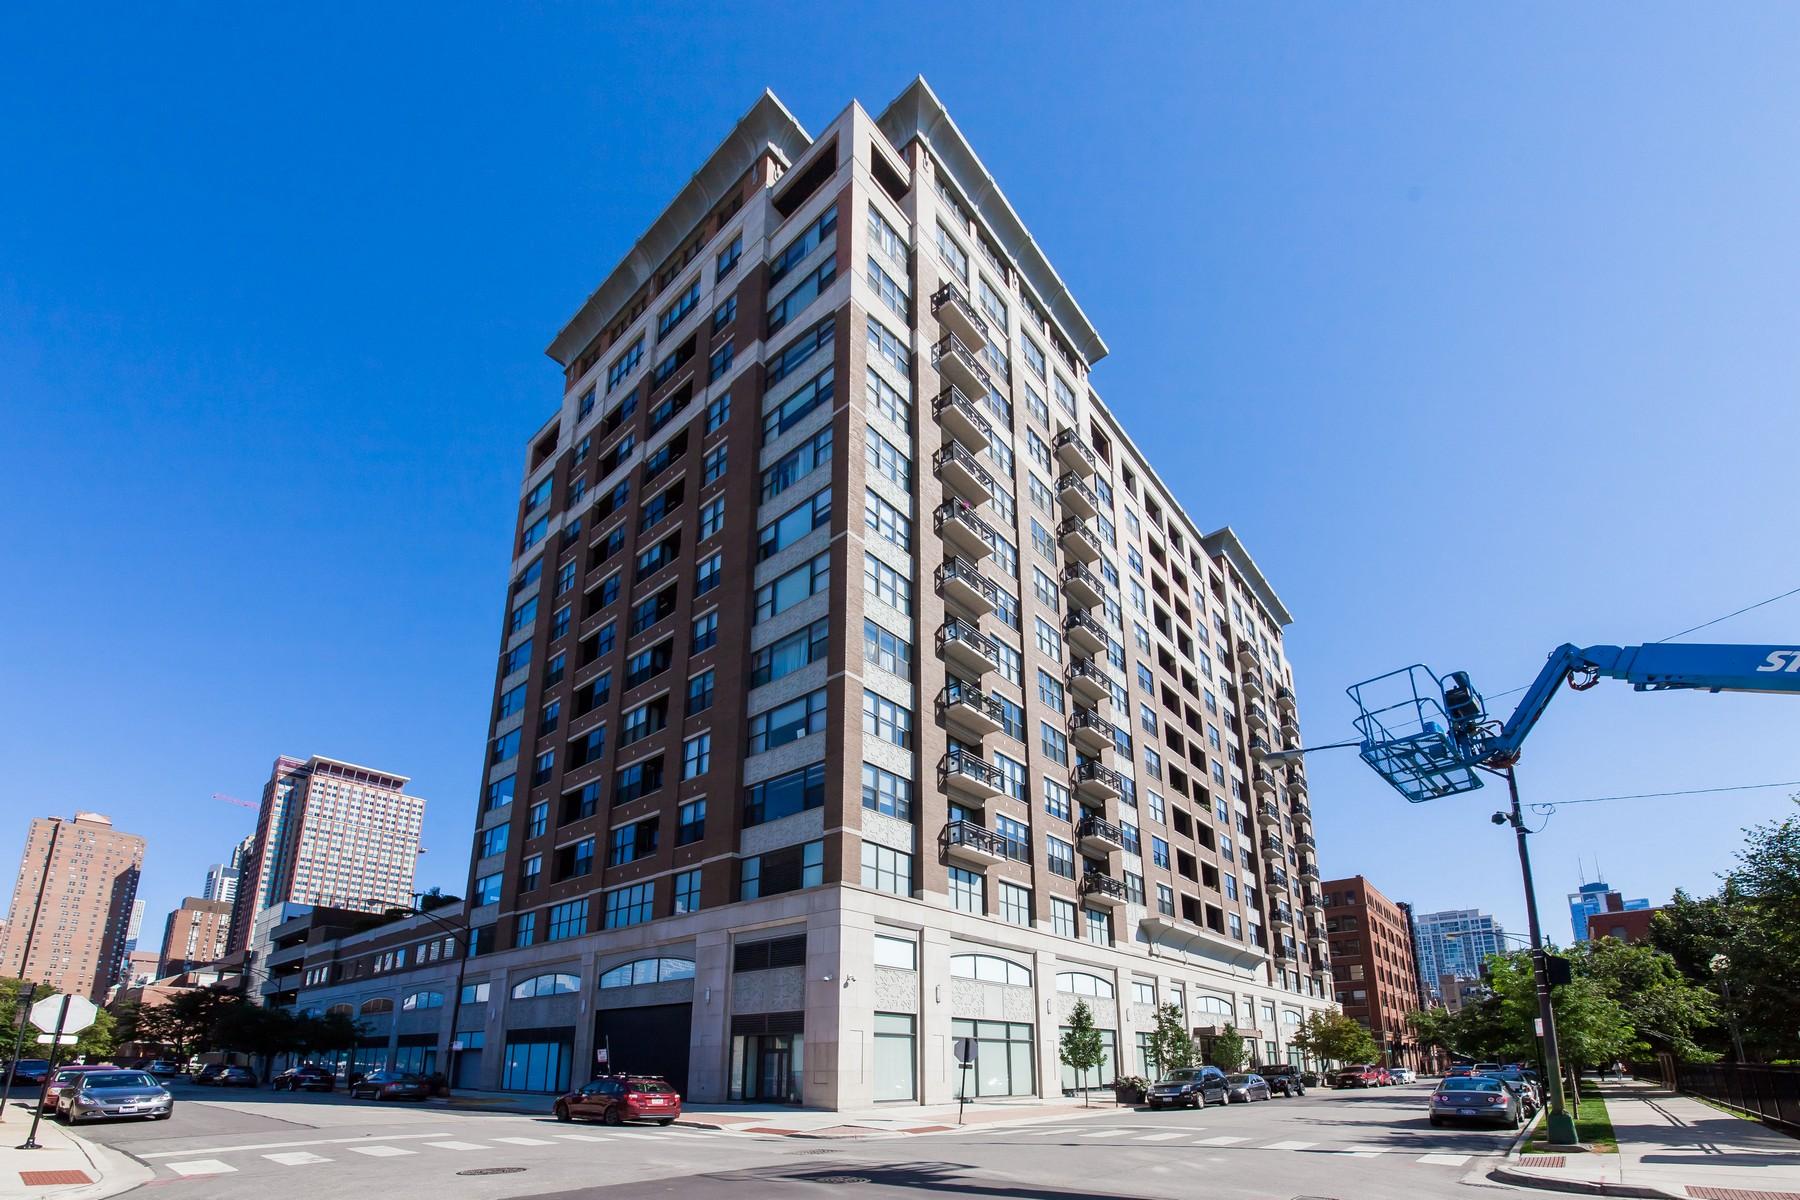 Eigentumswohnung für Verkauf beim Stunning Home in the Parc Chestnut 849 N Franklin Street Unit 409 Near North, Chicago, Illinois, 60610 Vereinigte Staaten